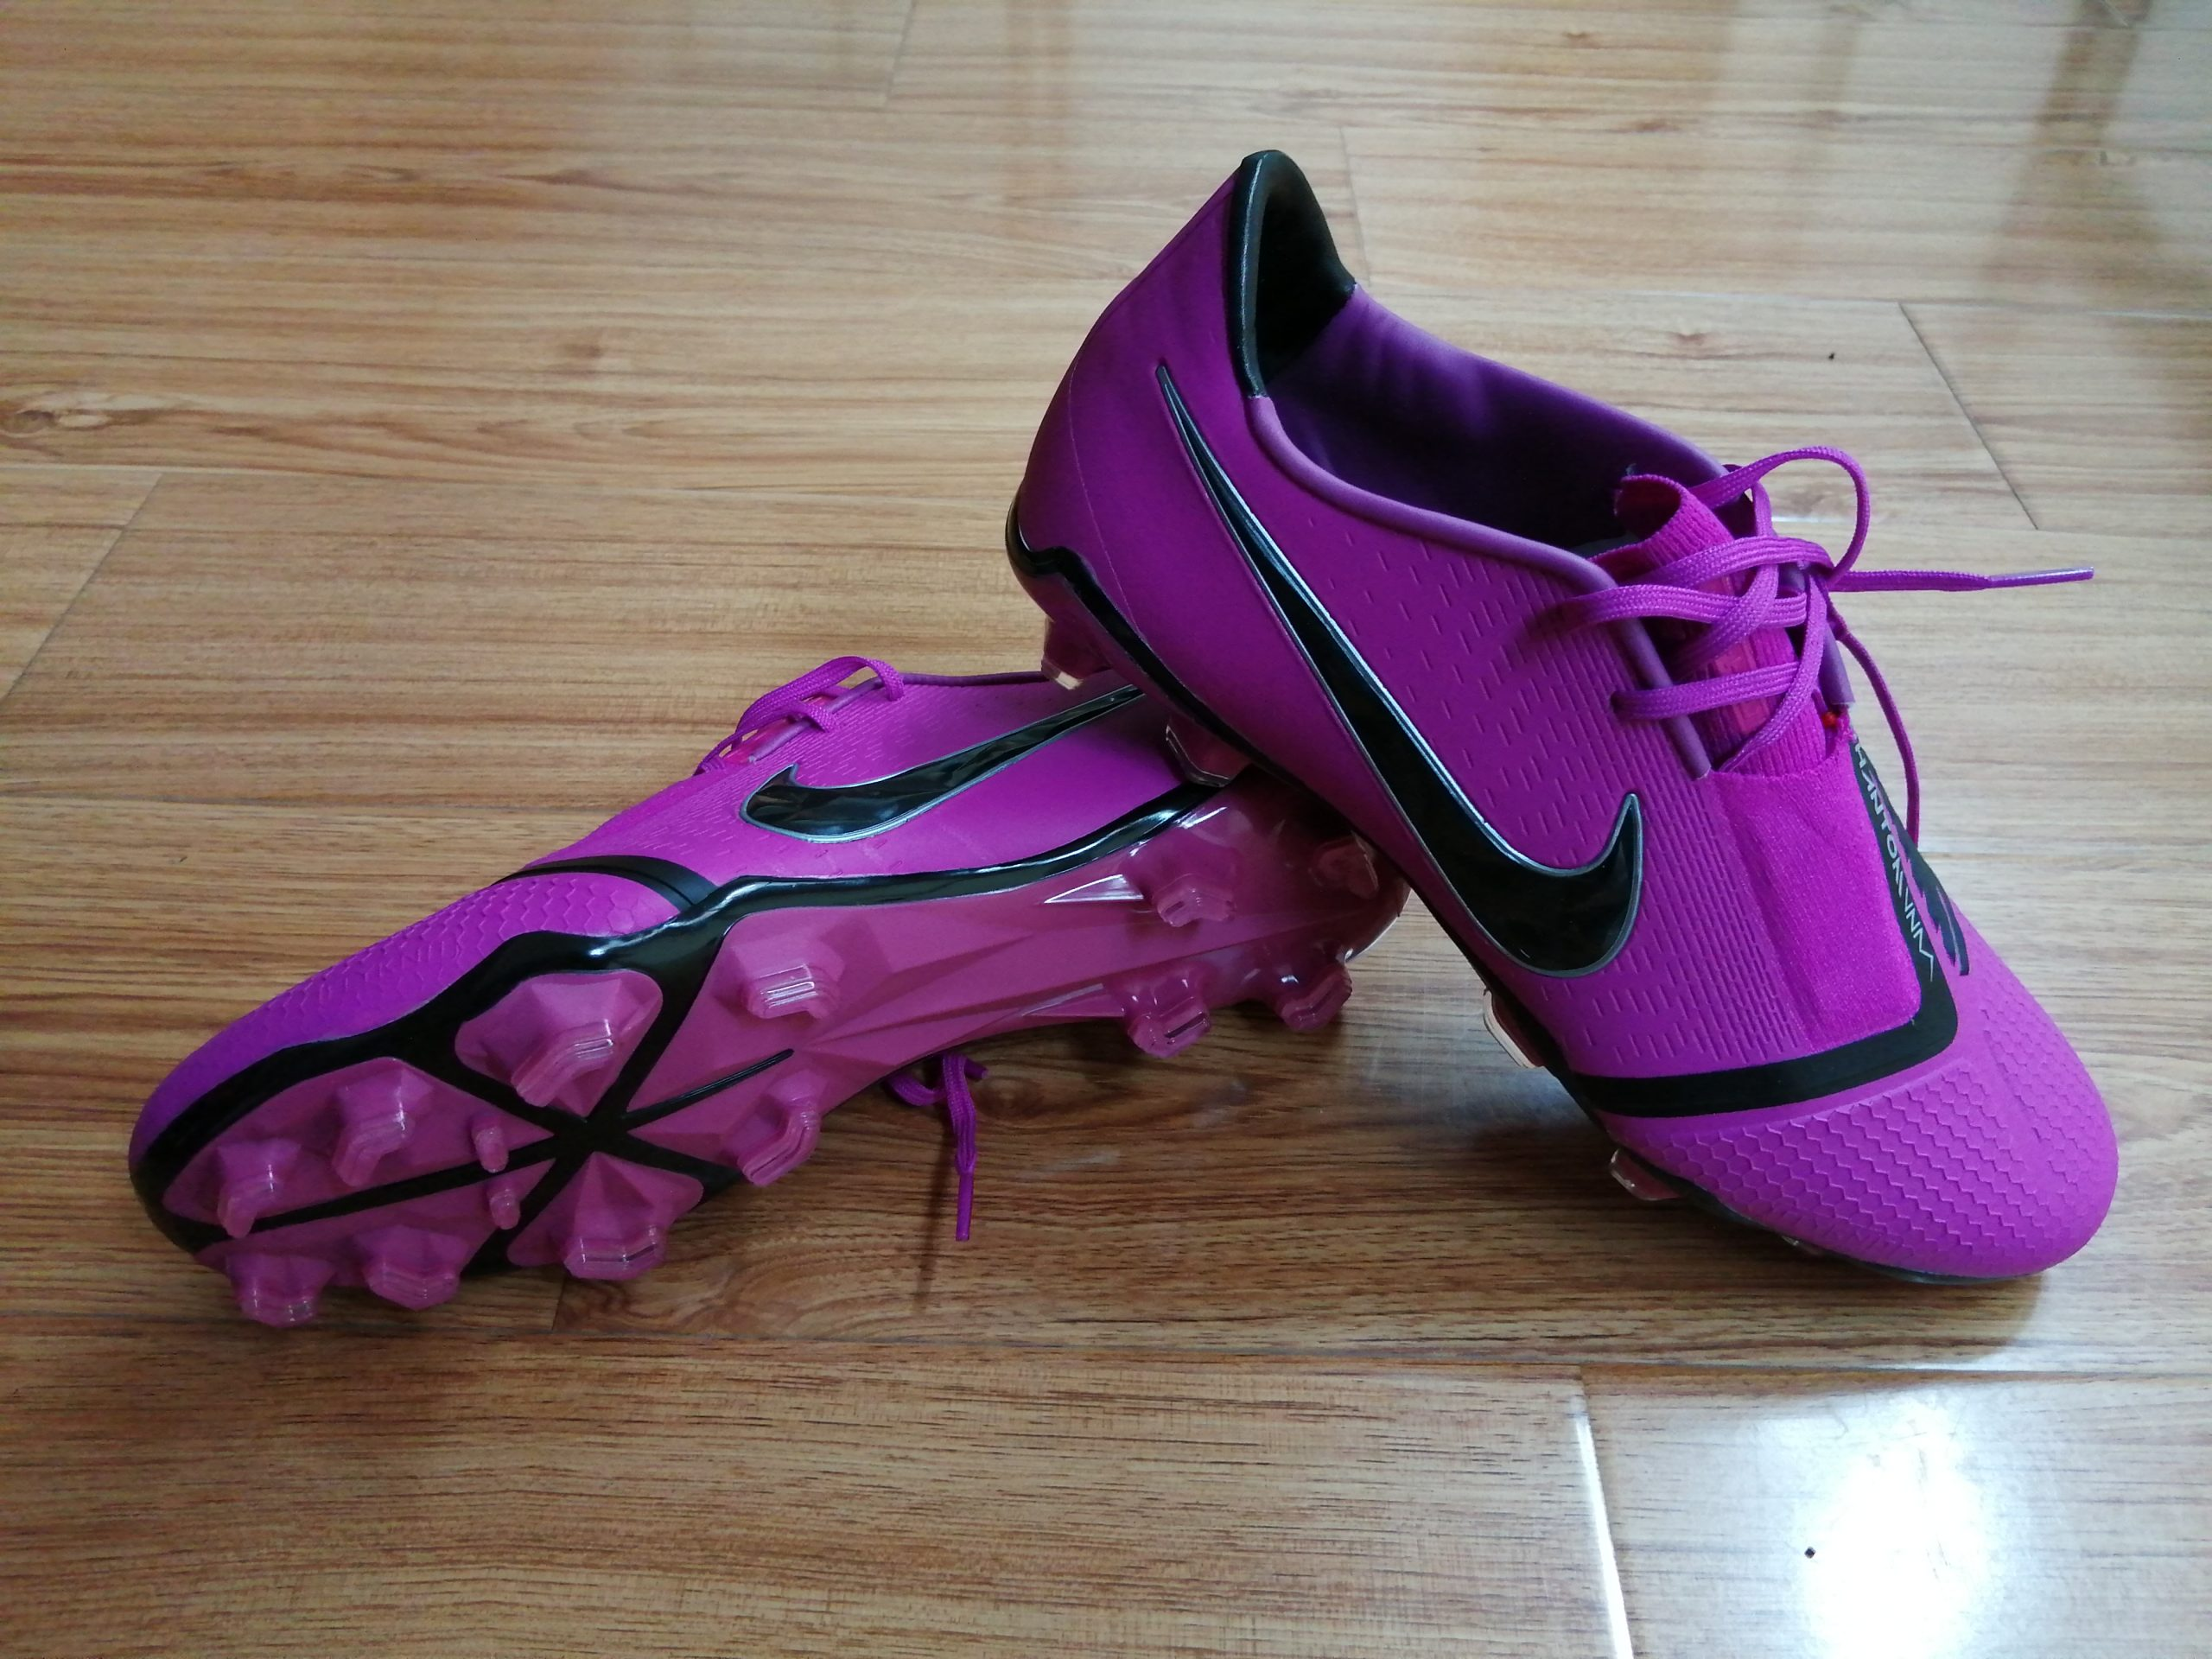 Nike Phantom VNM FG purple black